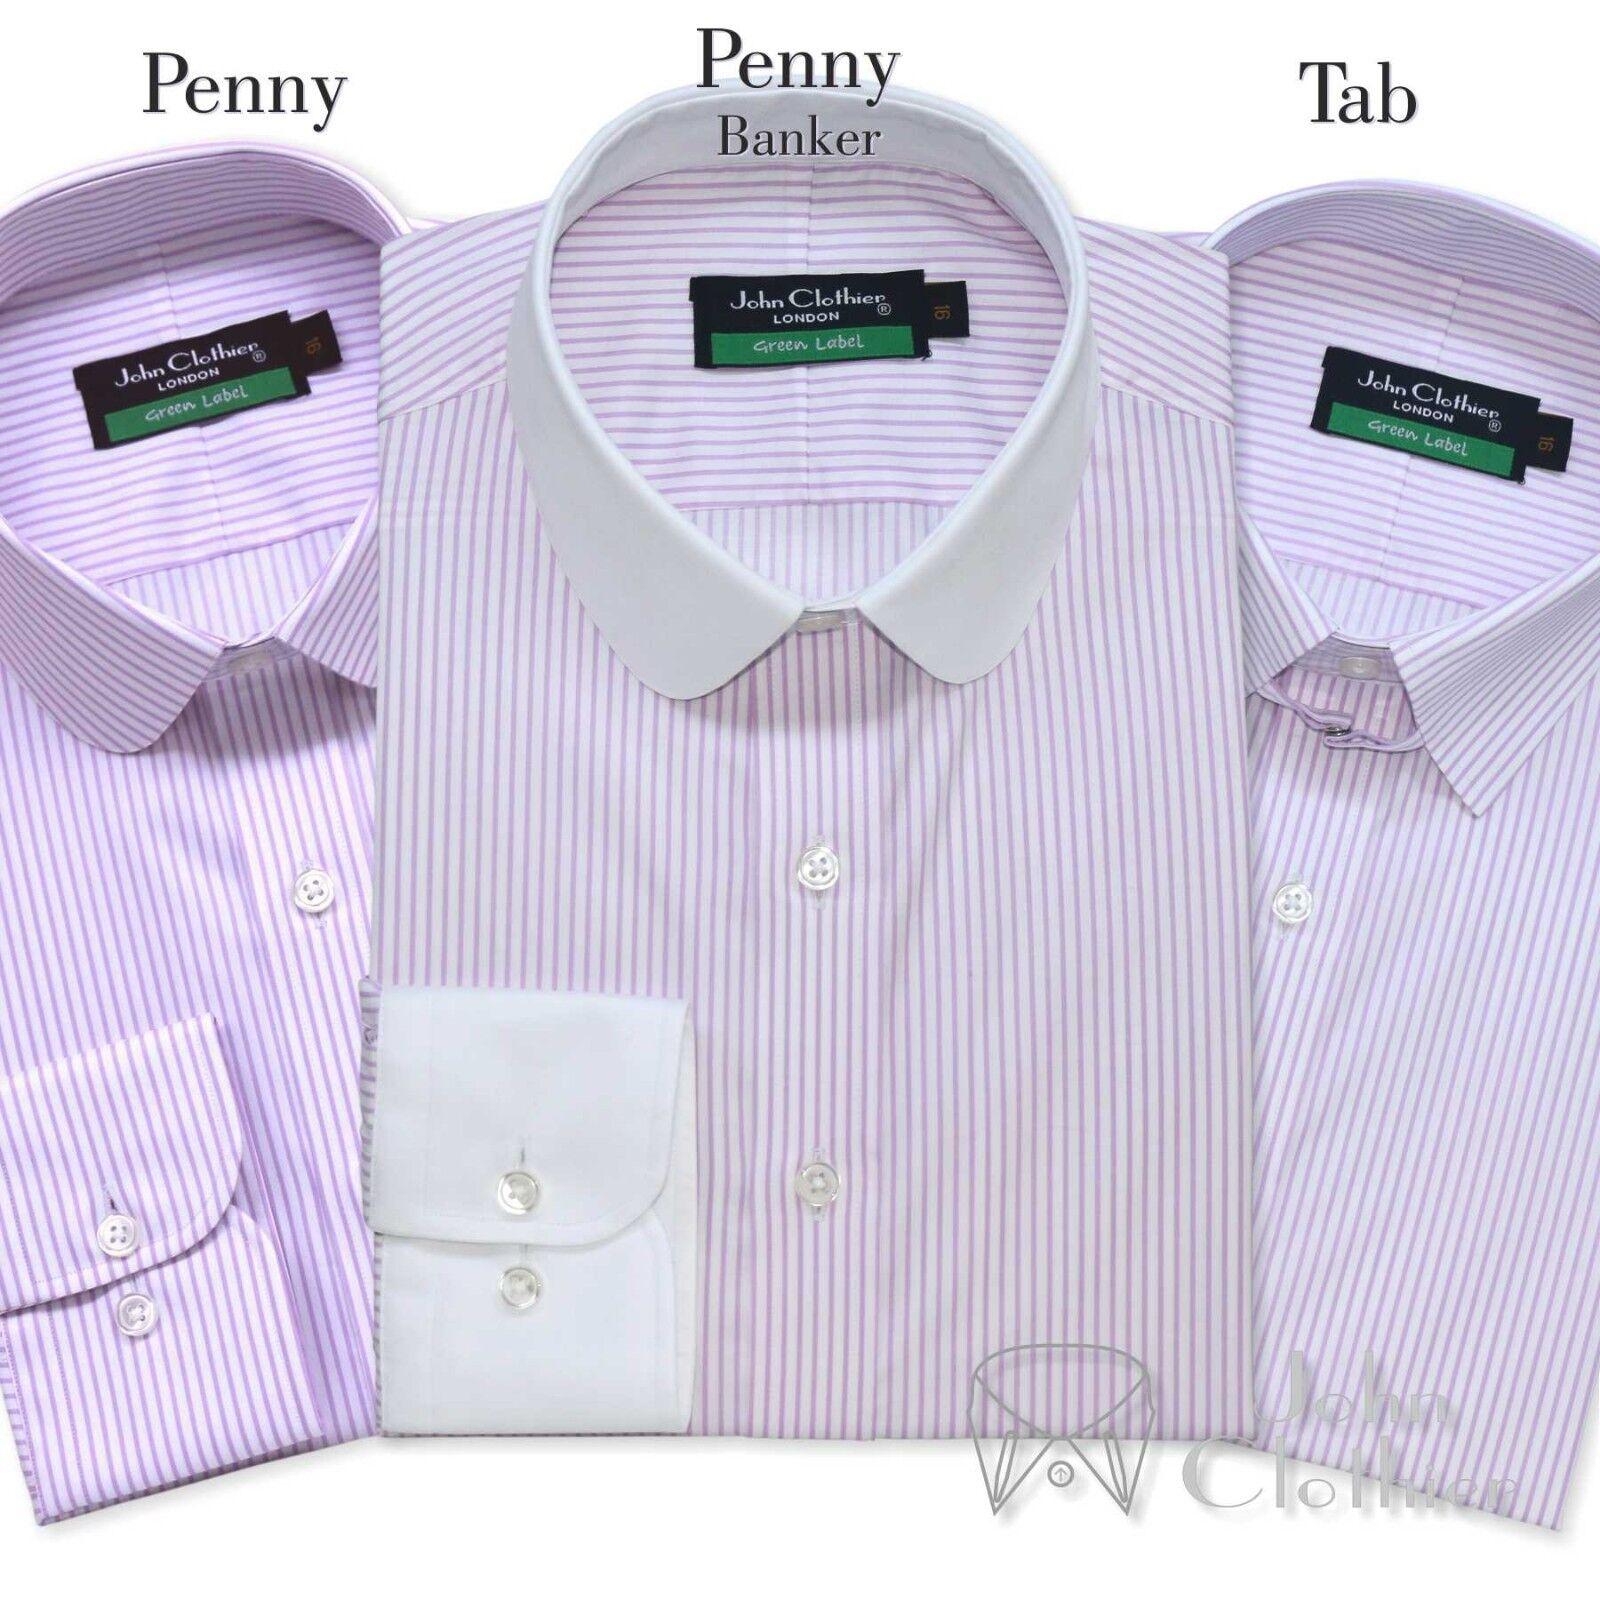 Penny Kragen Herren Baumwollhemd Tab lila weißen Streifen Club Schlaufe